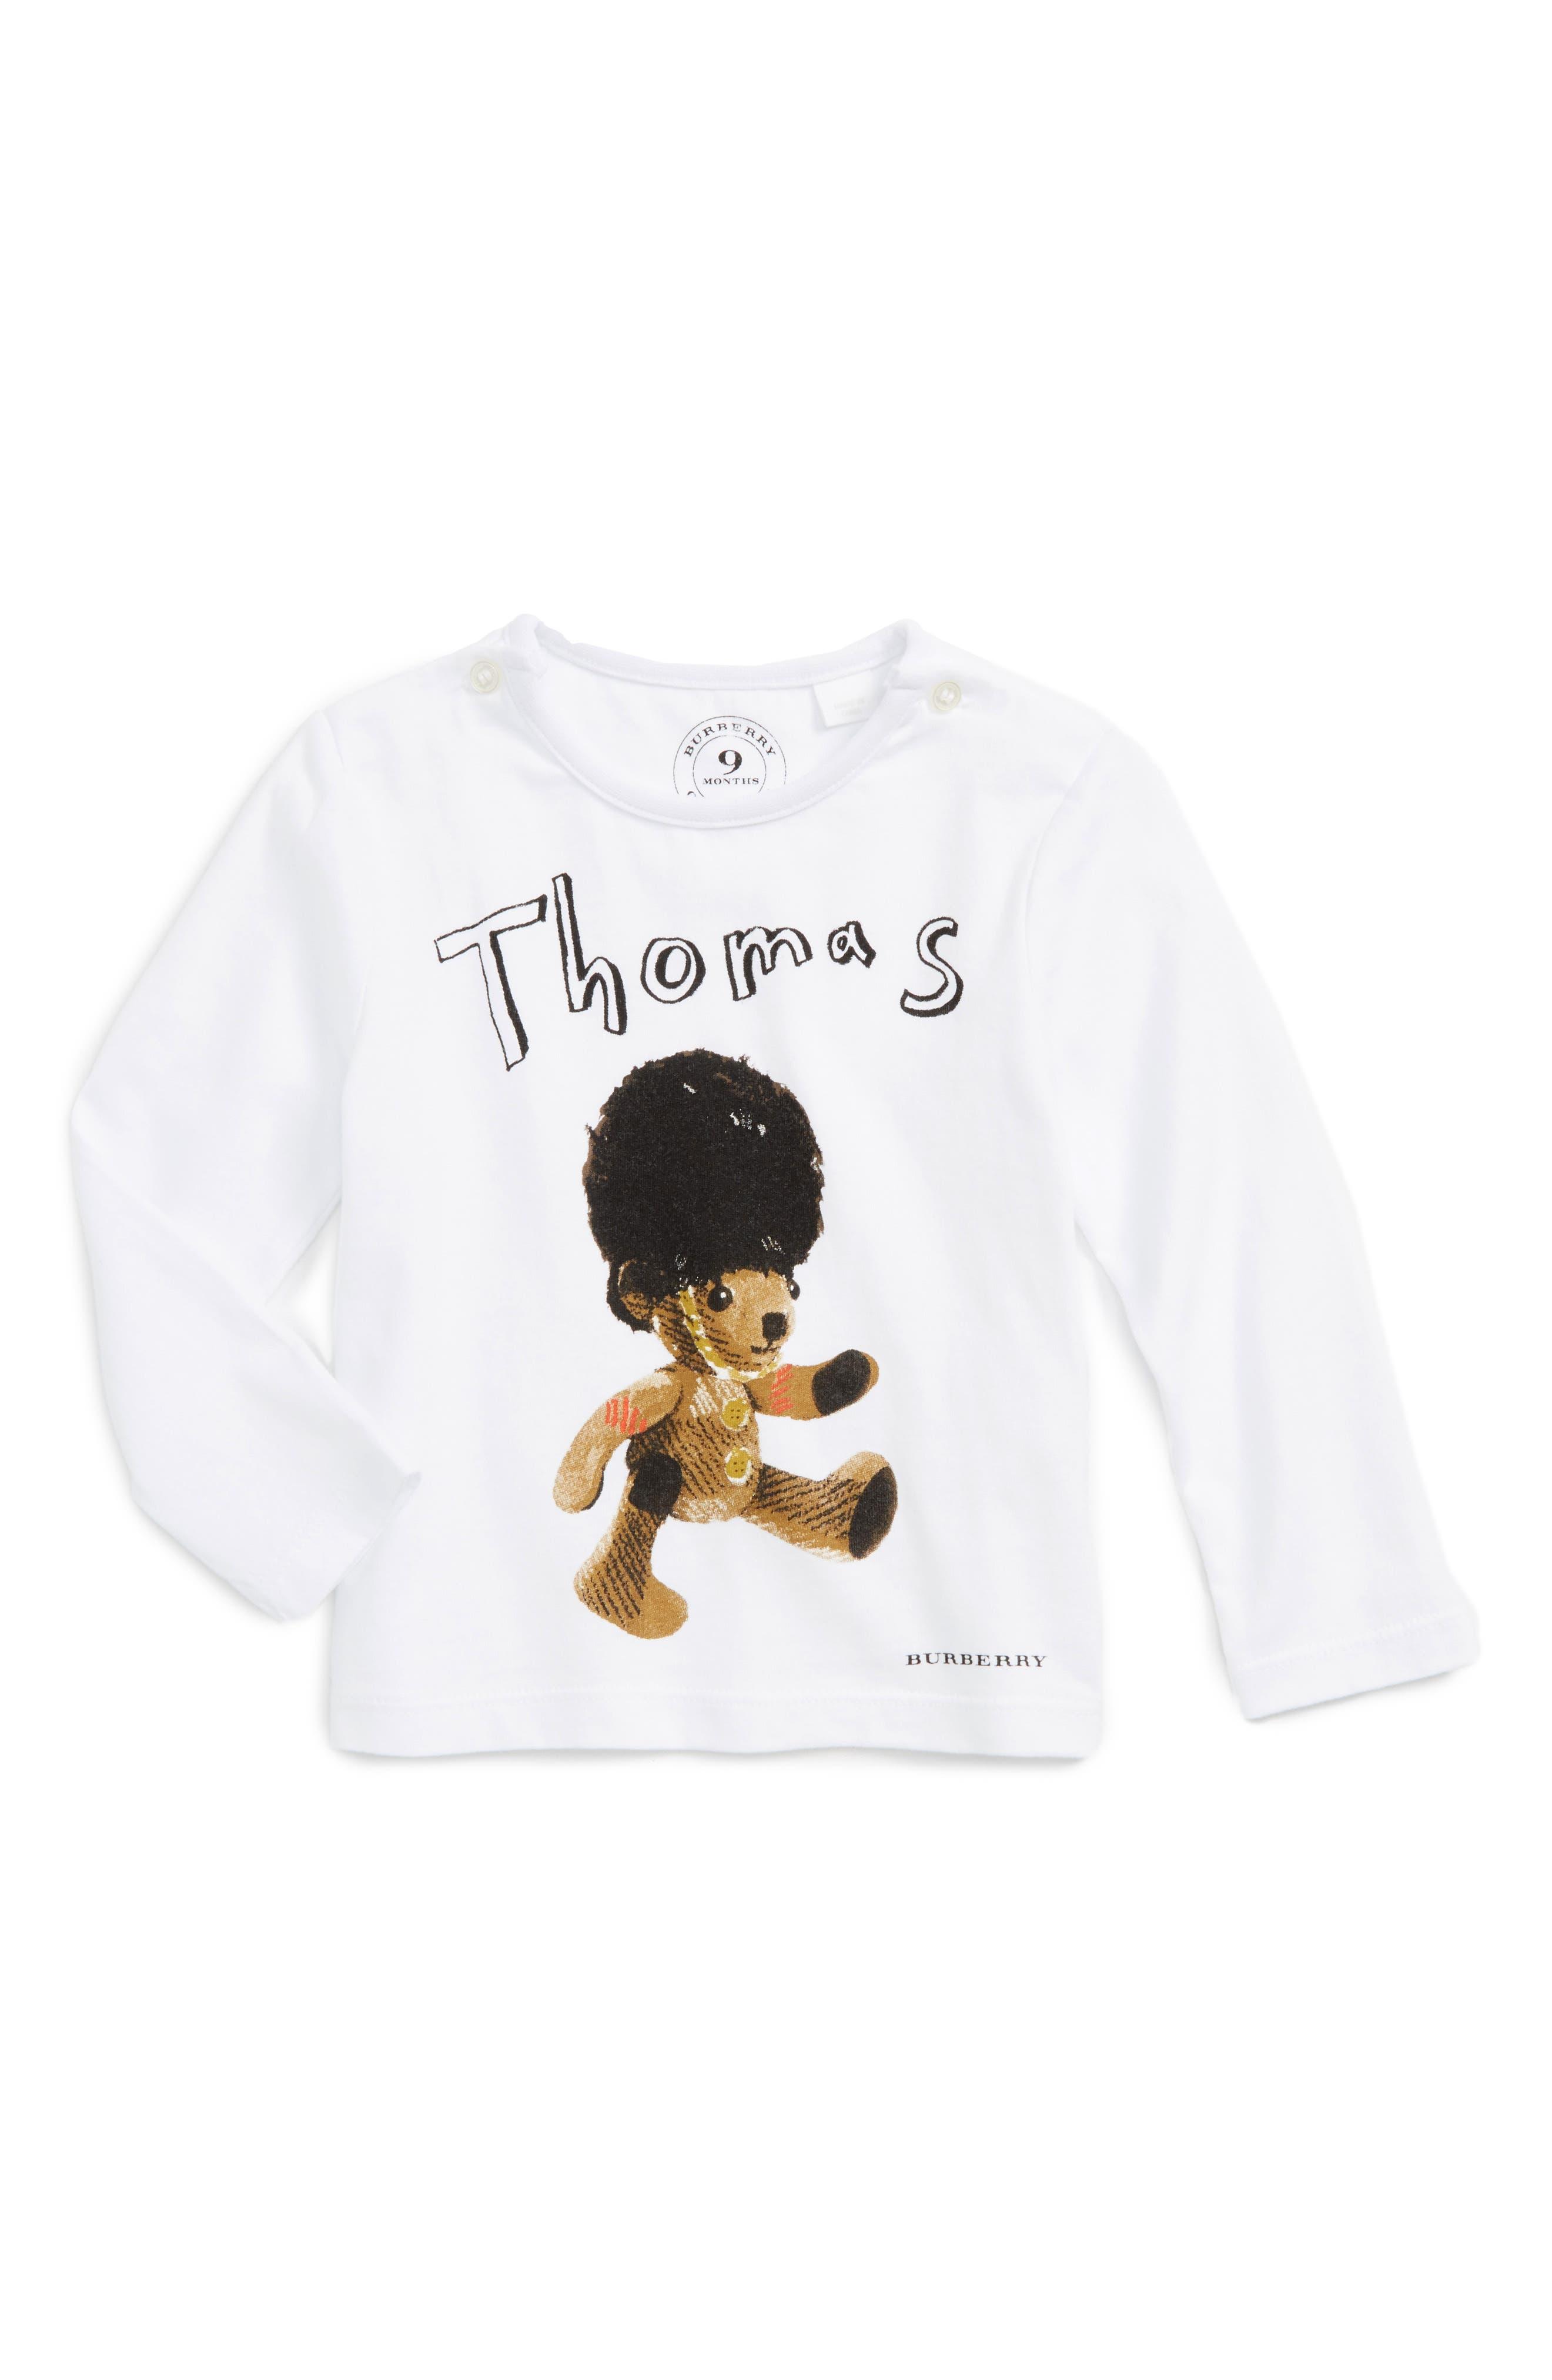 Thomas Bear Graphic T-Shirt,                             Main thumbnail 1, color,                             100